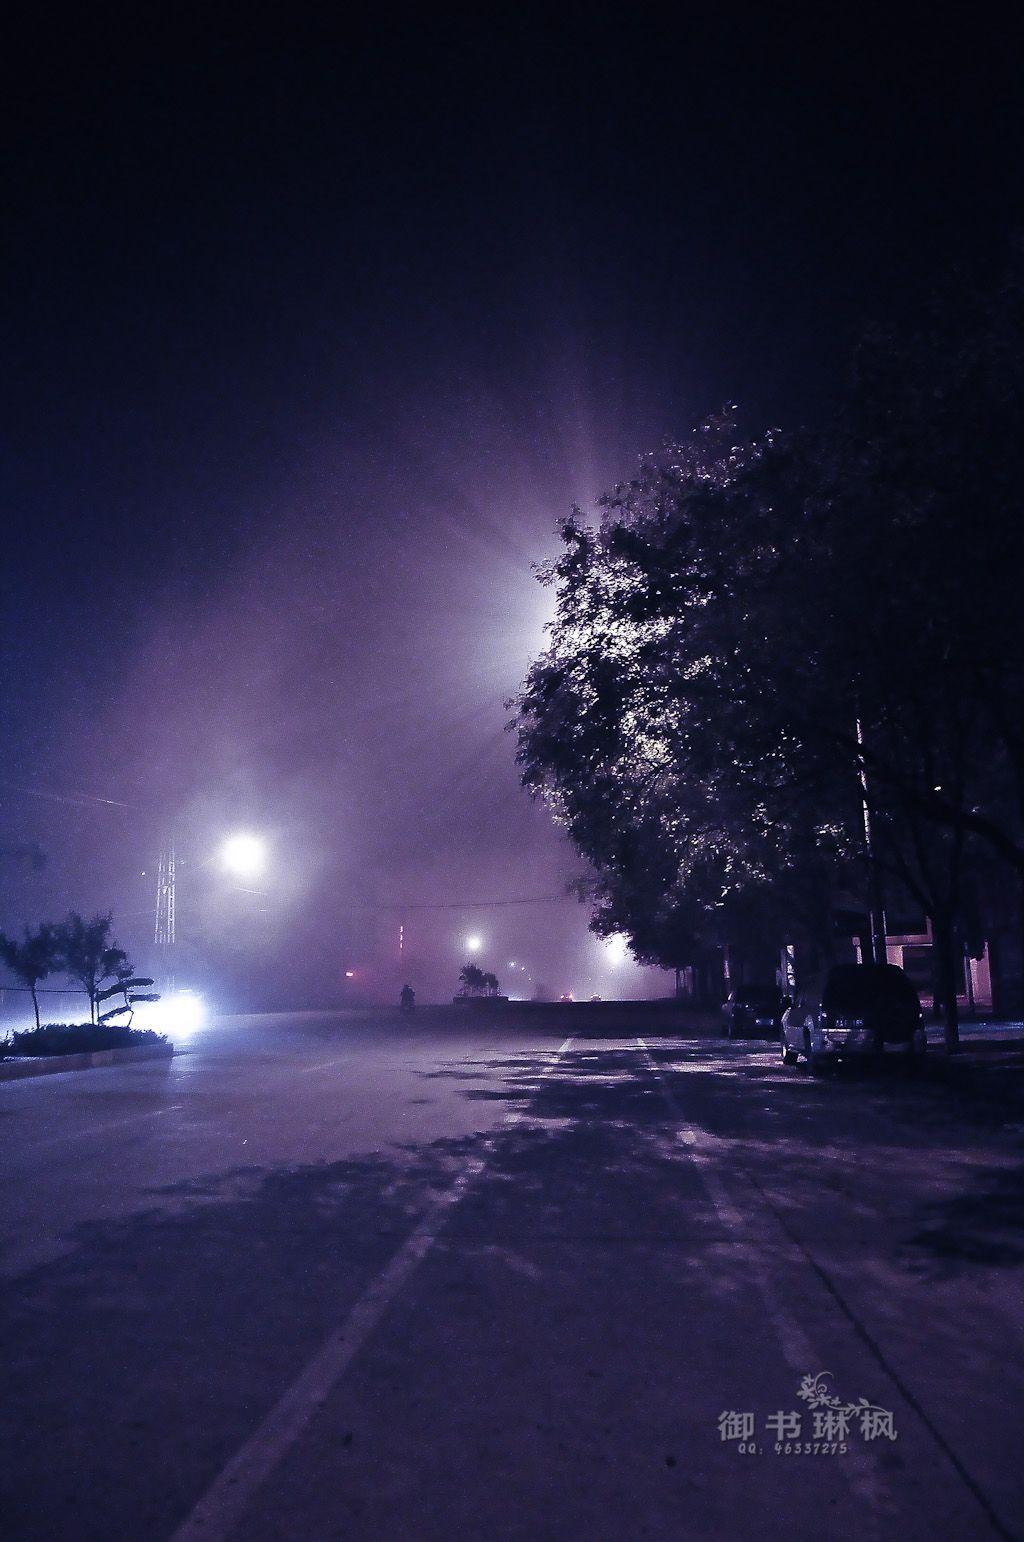 午夜论坛_【御书琳枫.夜景】梦幻般的午夜 - 行摄风光 - 南阳社区 - 南阳网;